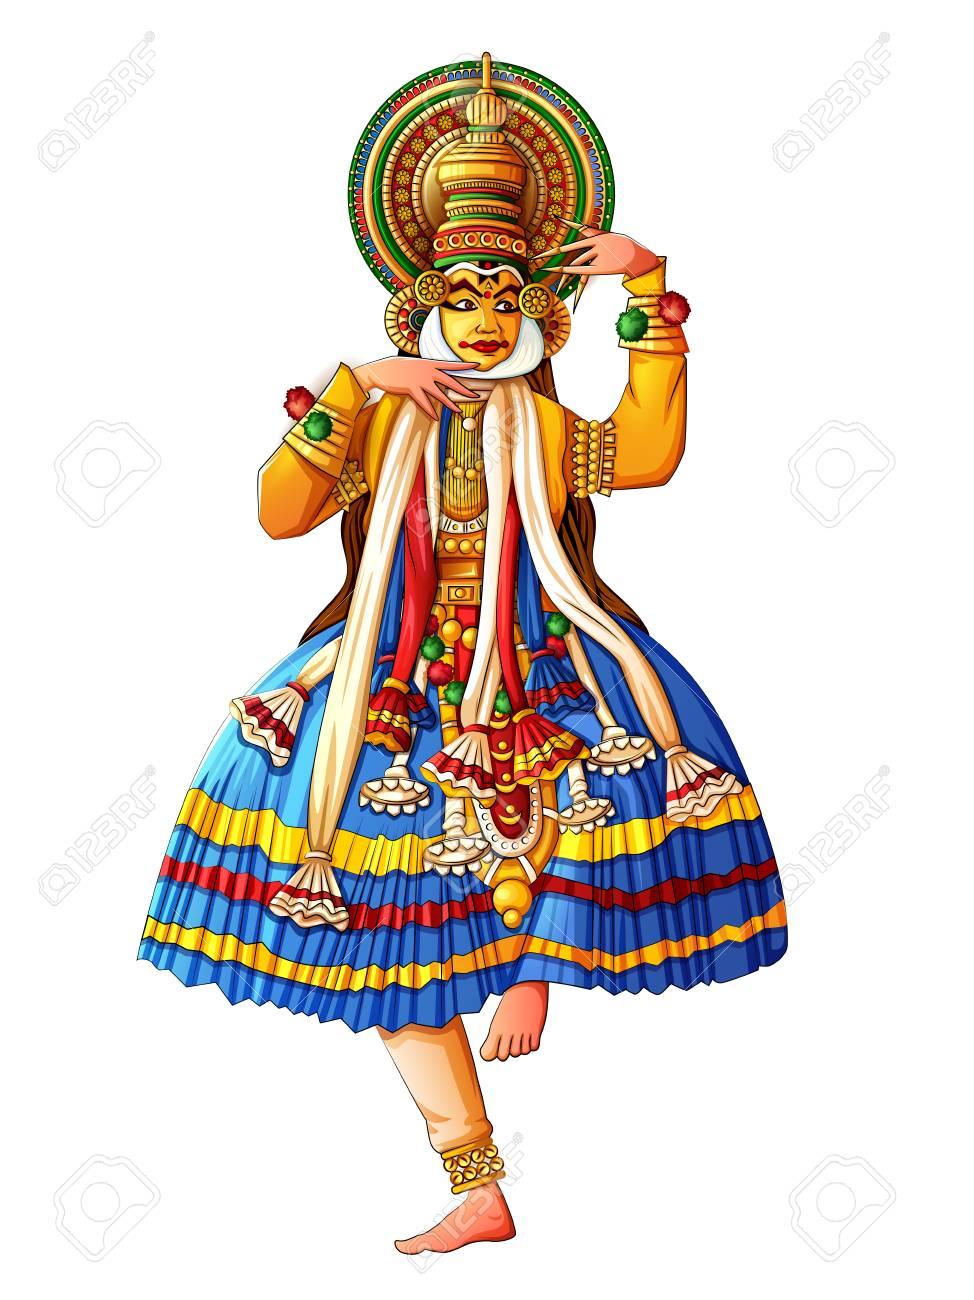 Man performing Kathakali classical dance of Kerala, India - 104889094